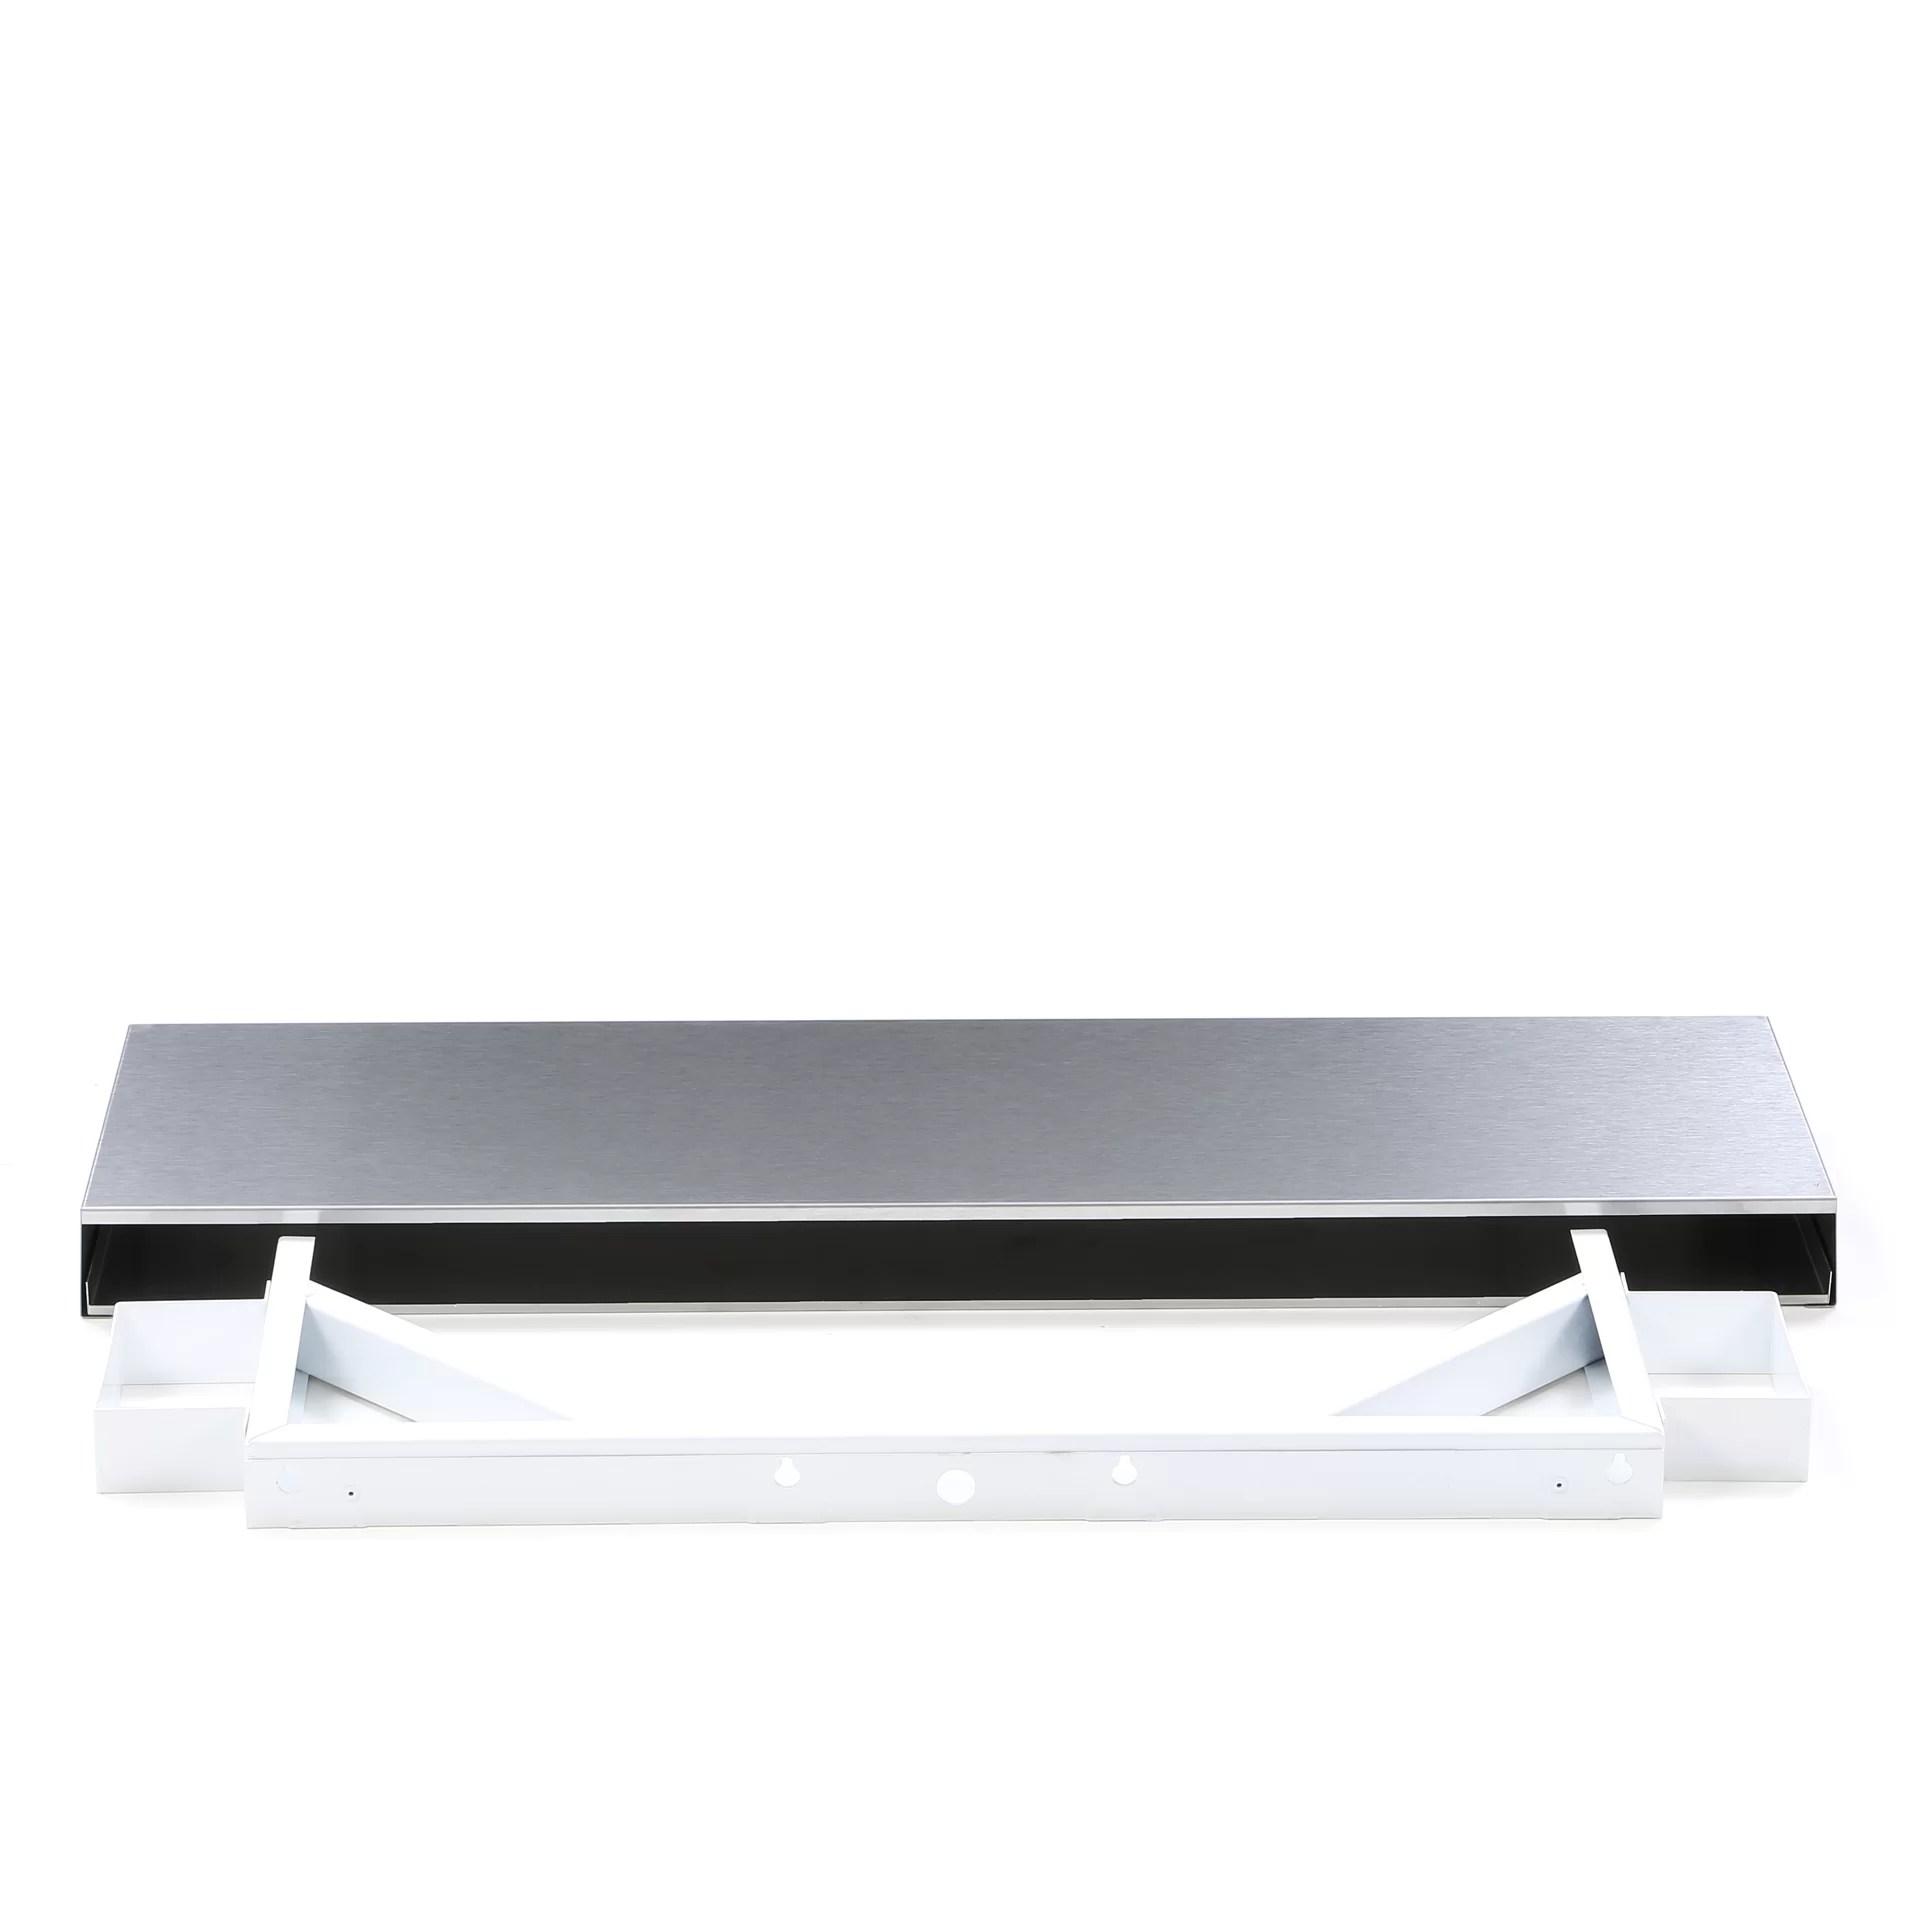 Danver Stainless Steel Floating Shelf Ebay